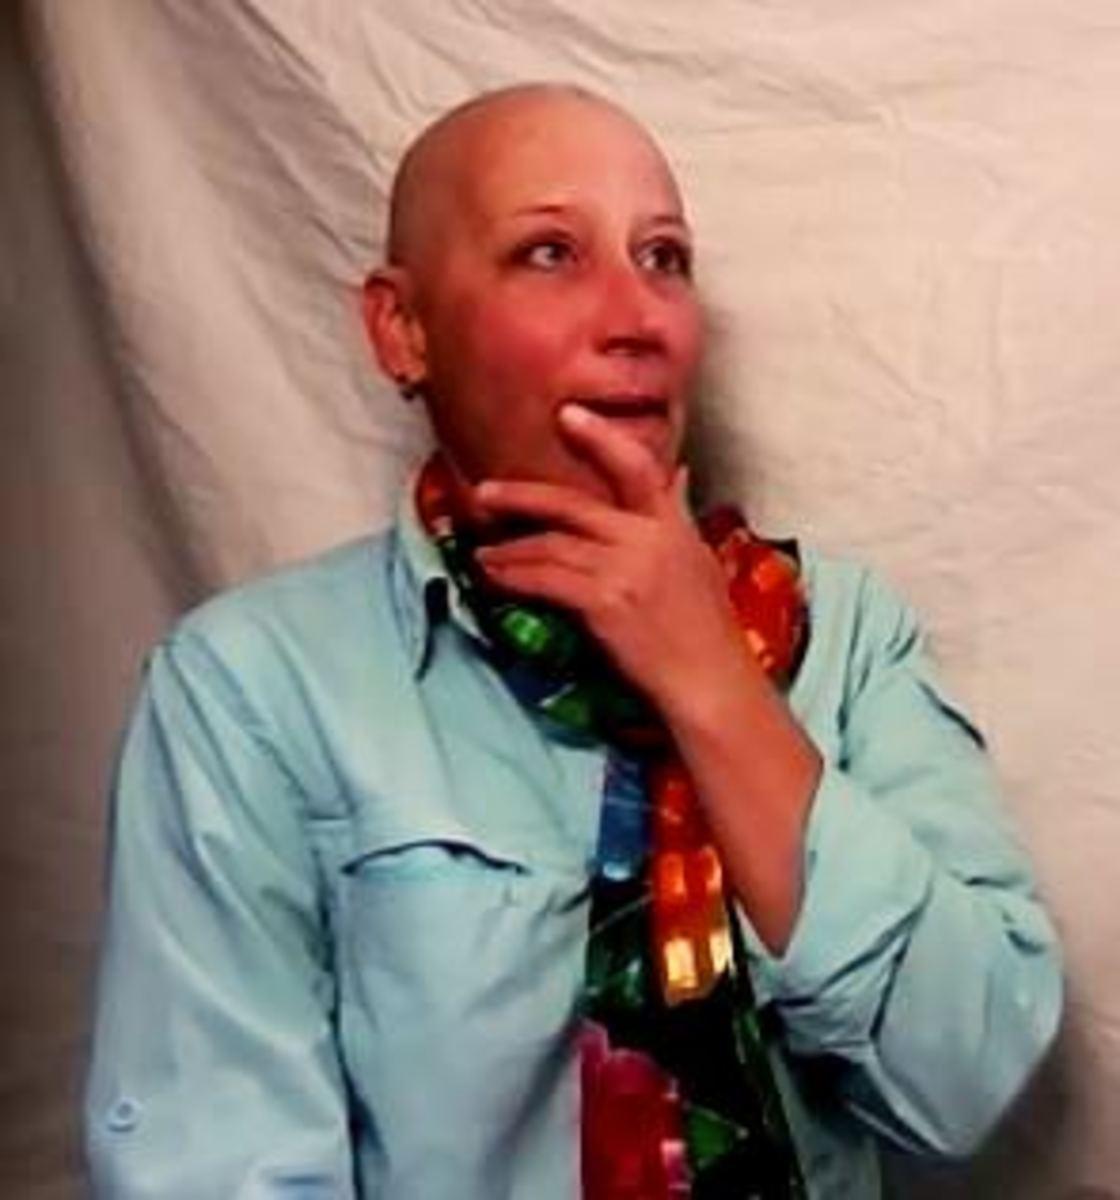 Chemo brain?